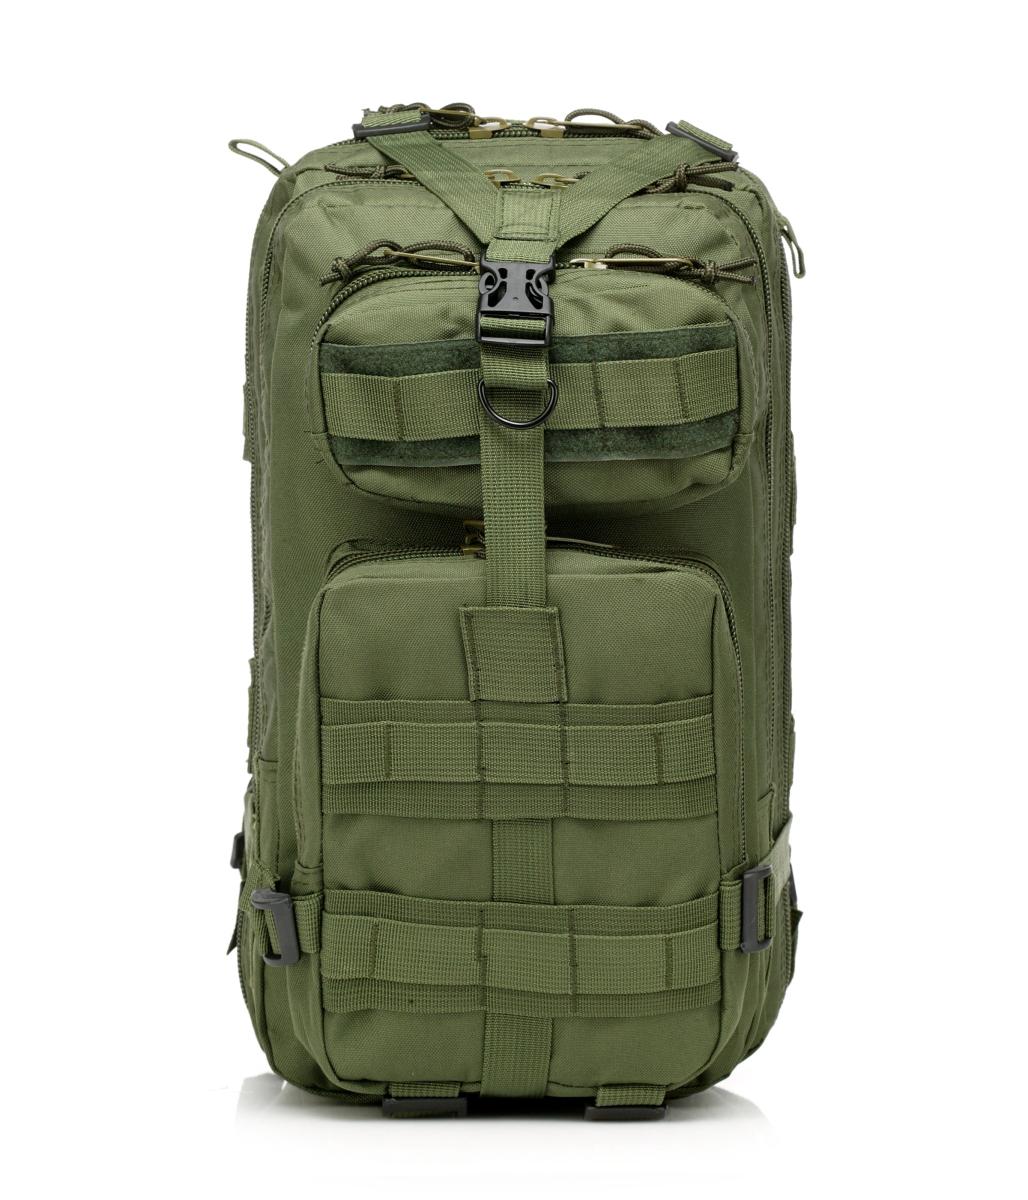 Тактический рюкзак рыбакам и охотникам недорого